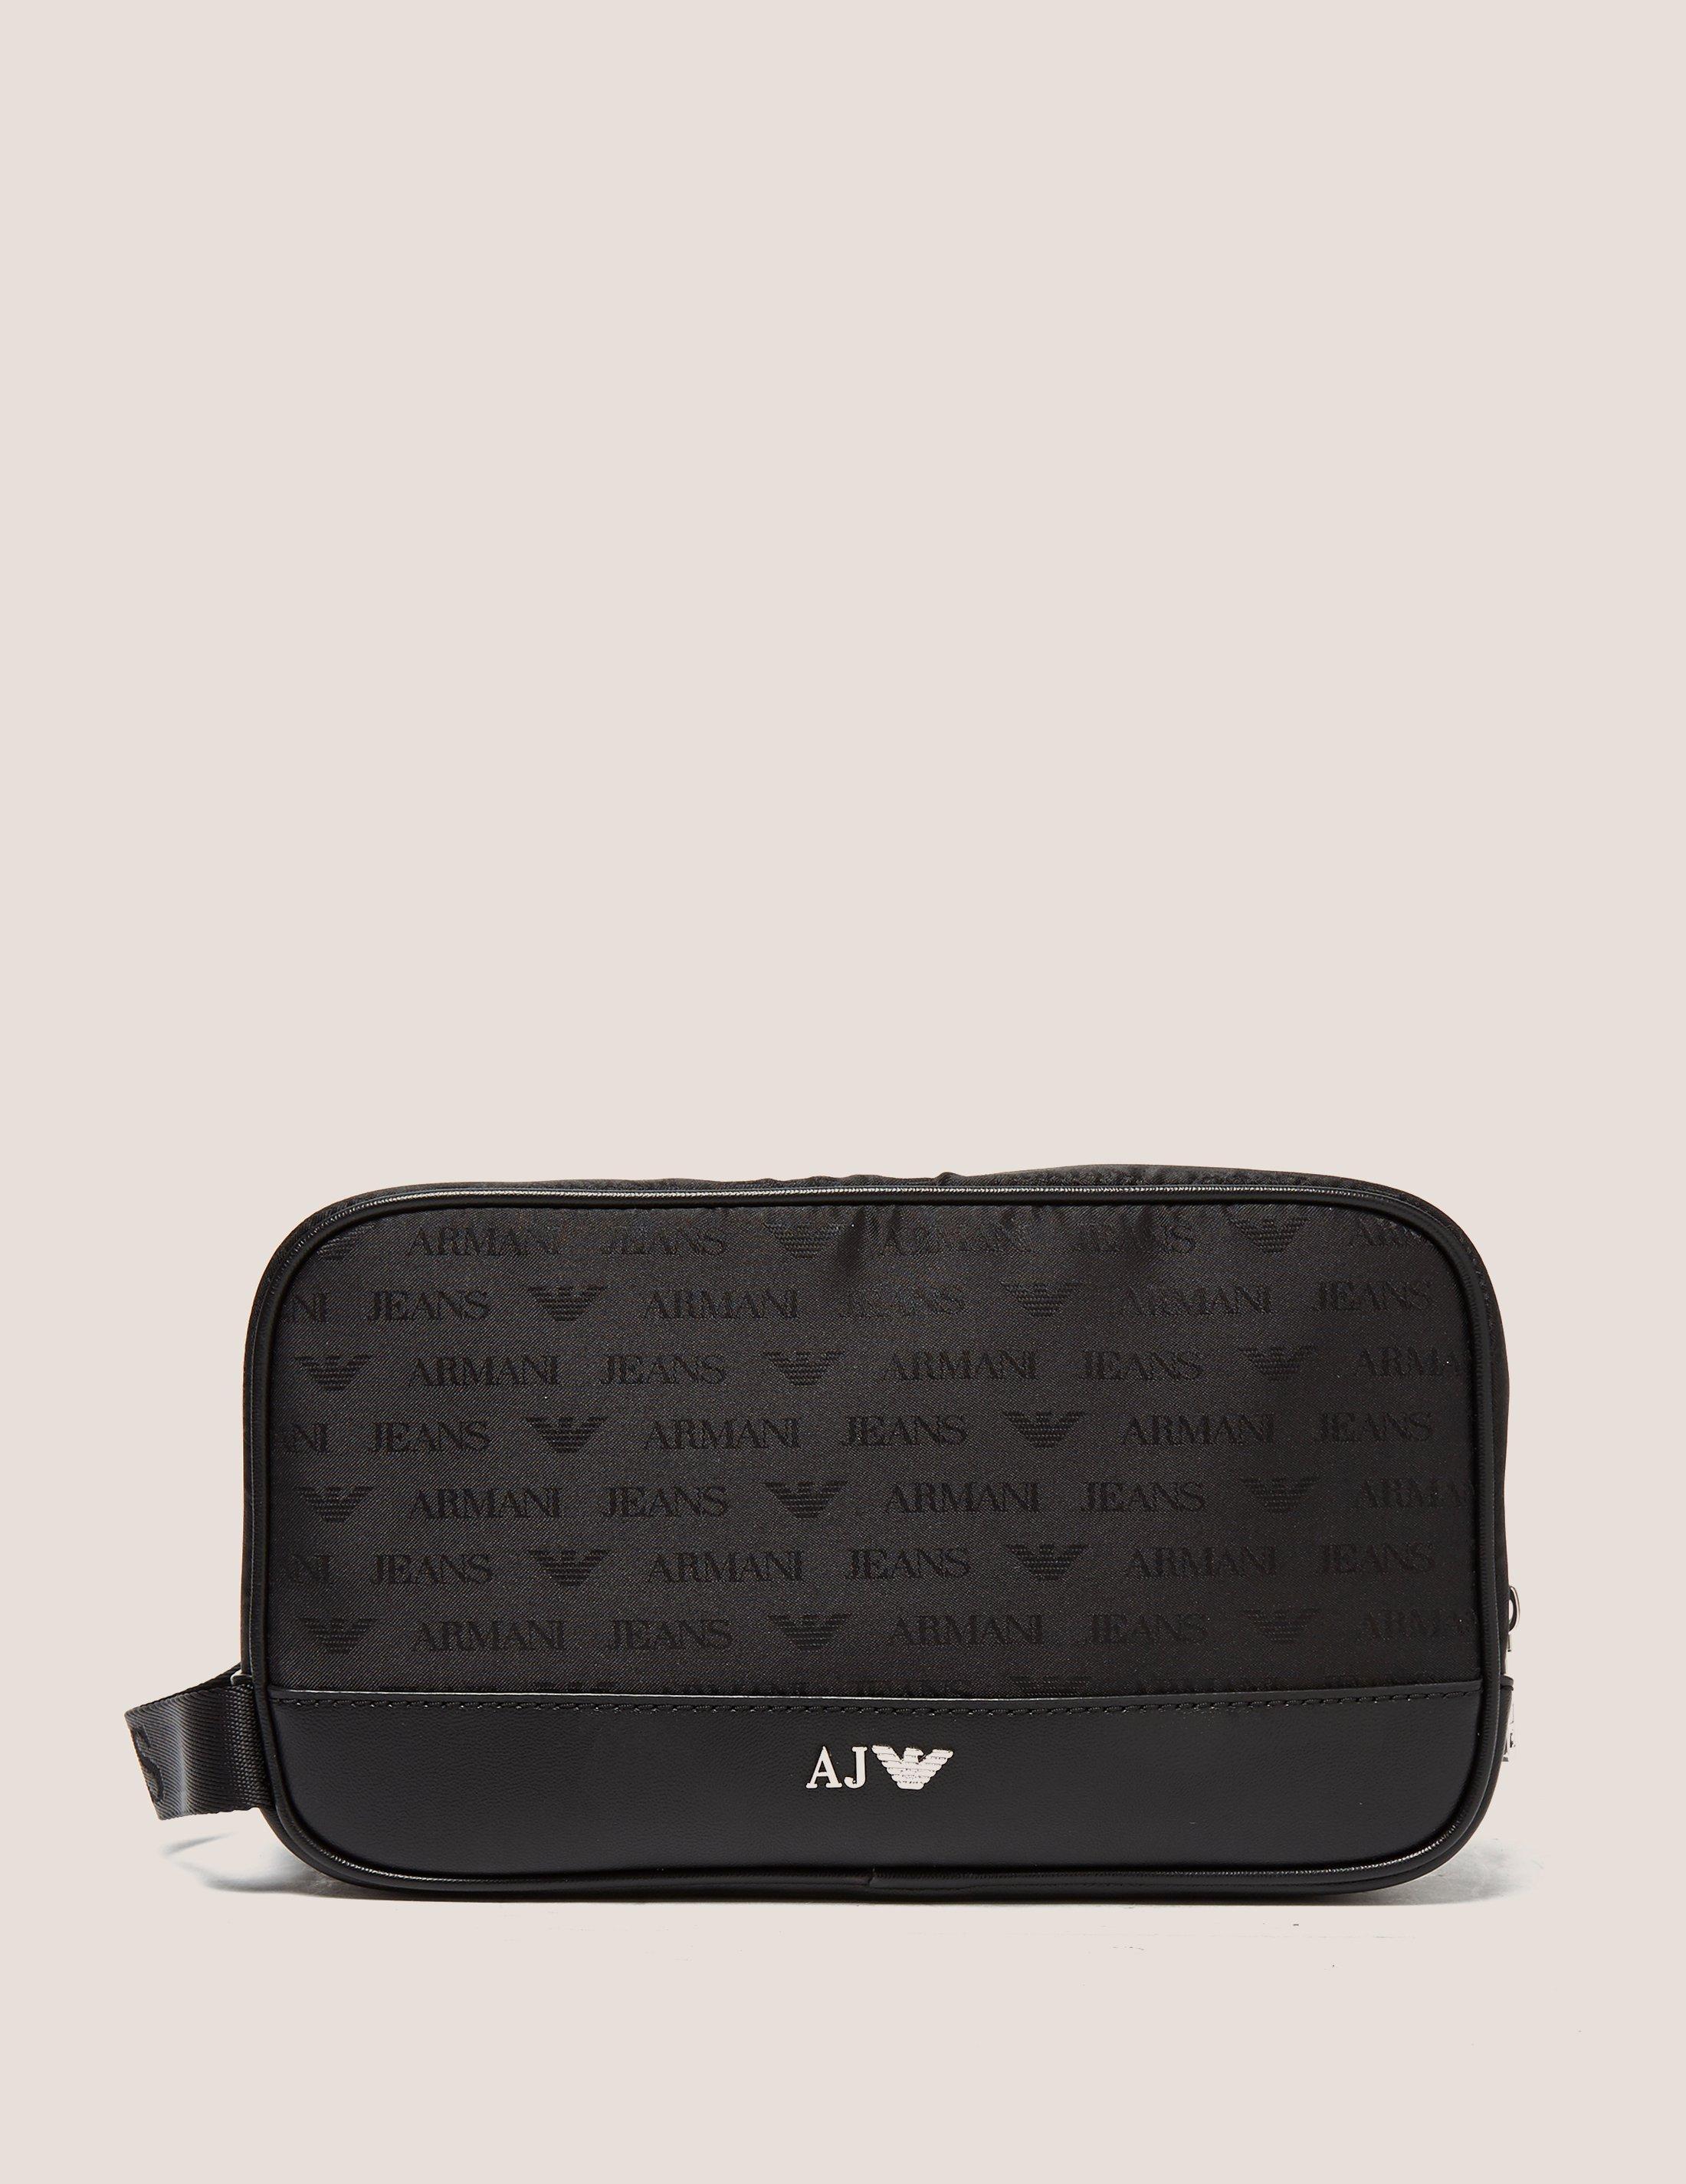 cf72066b75d Lyst - Armani Jeans Logo Washbag in Black for Men